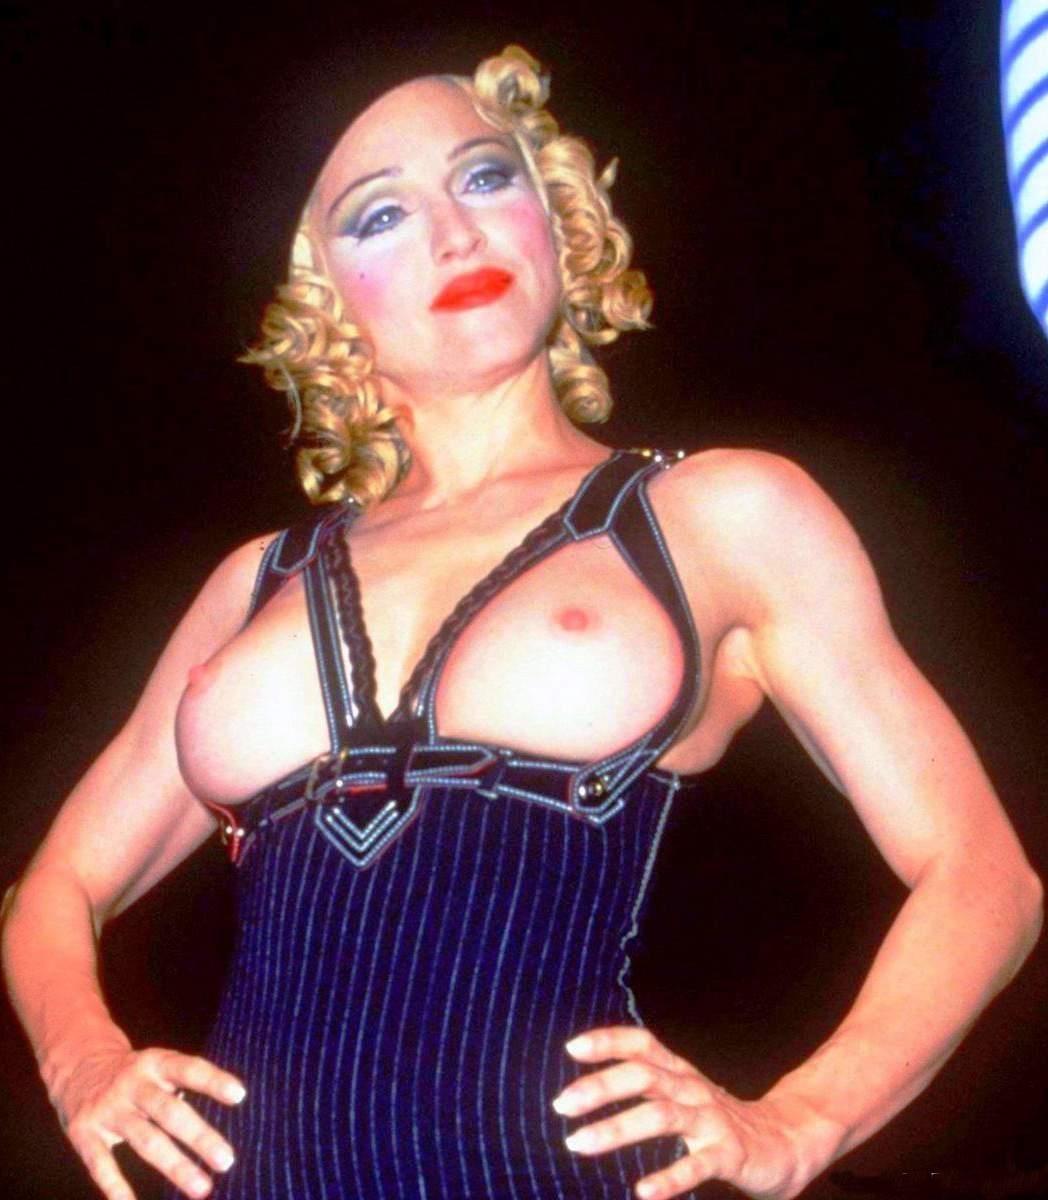 Мадонна фото с голыми сиськами с ярким макияжем